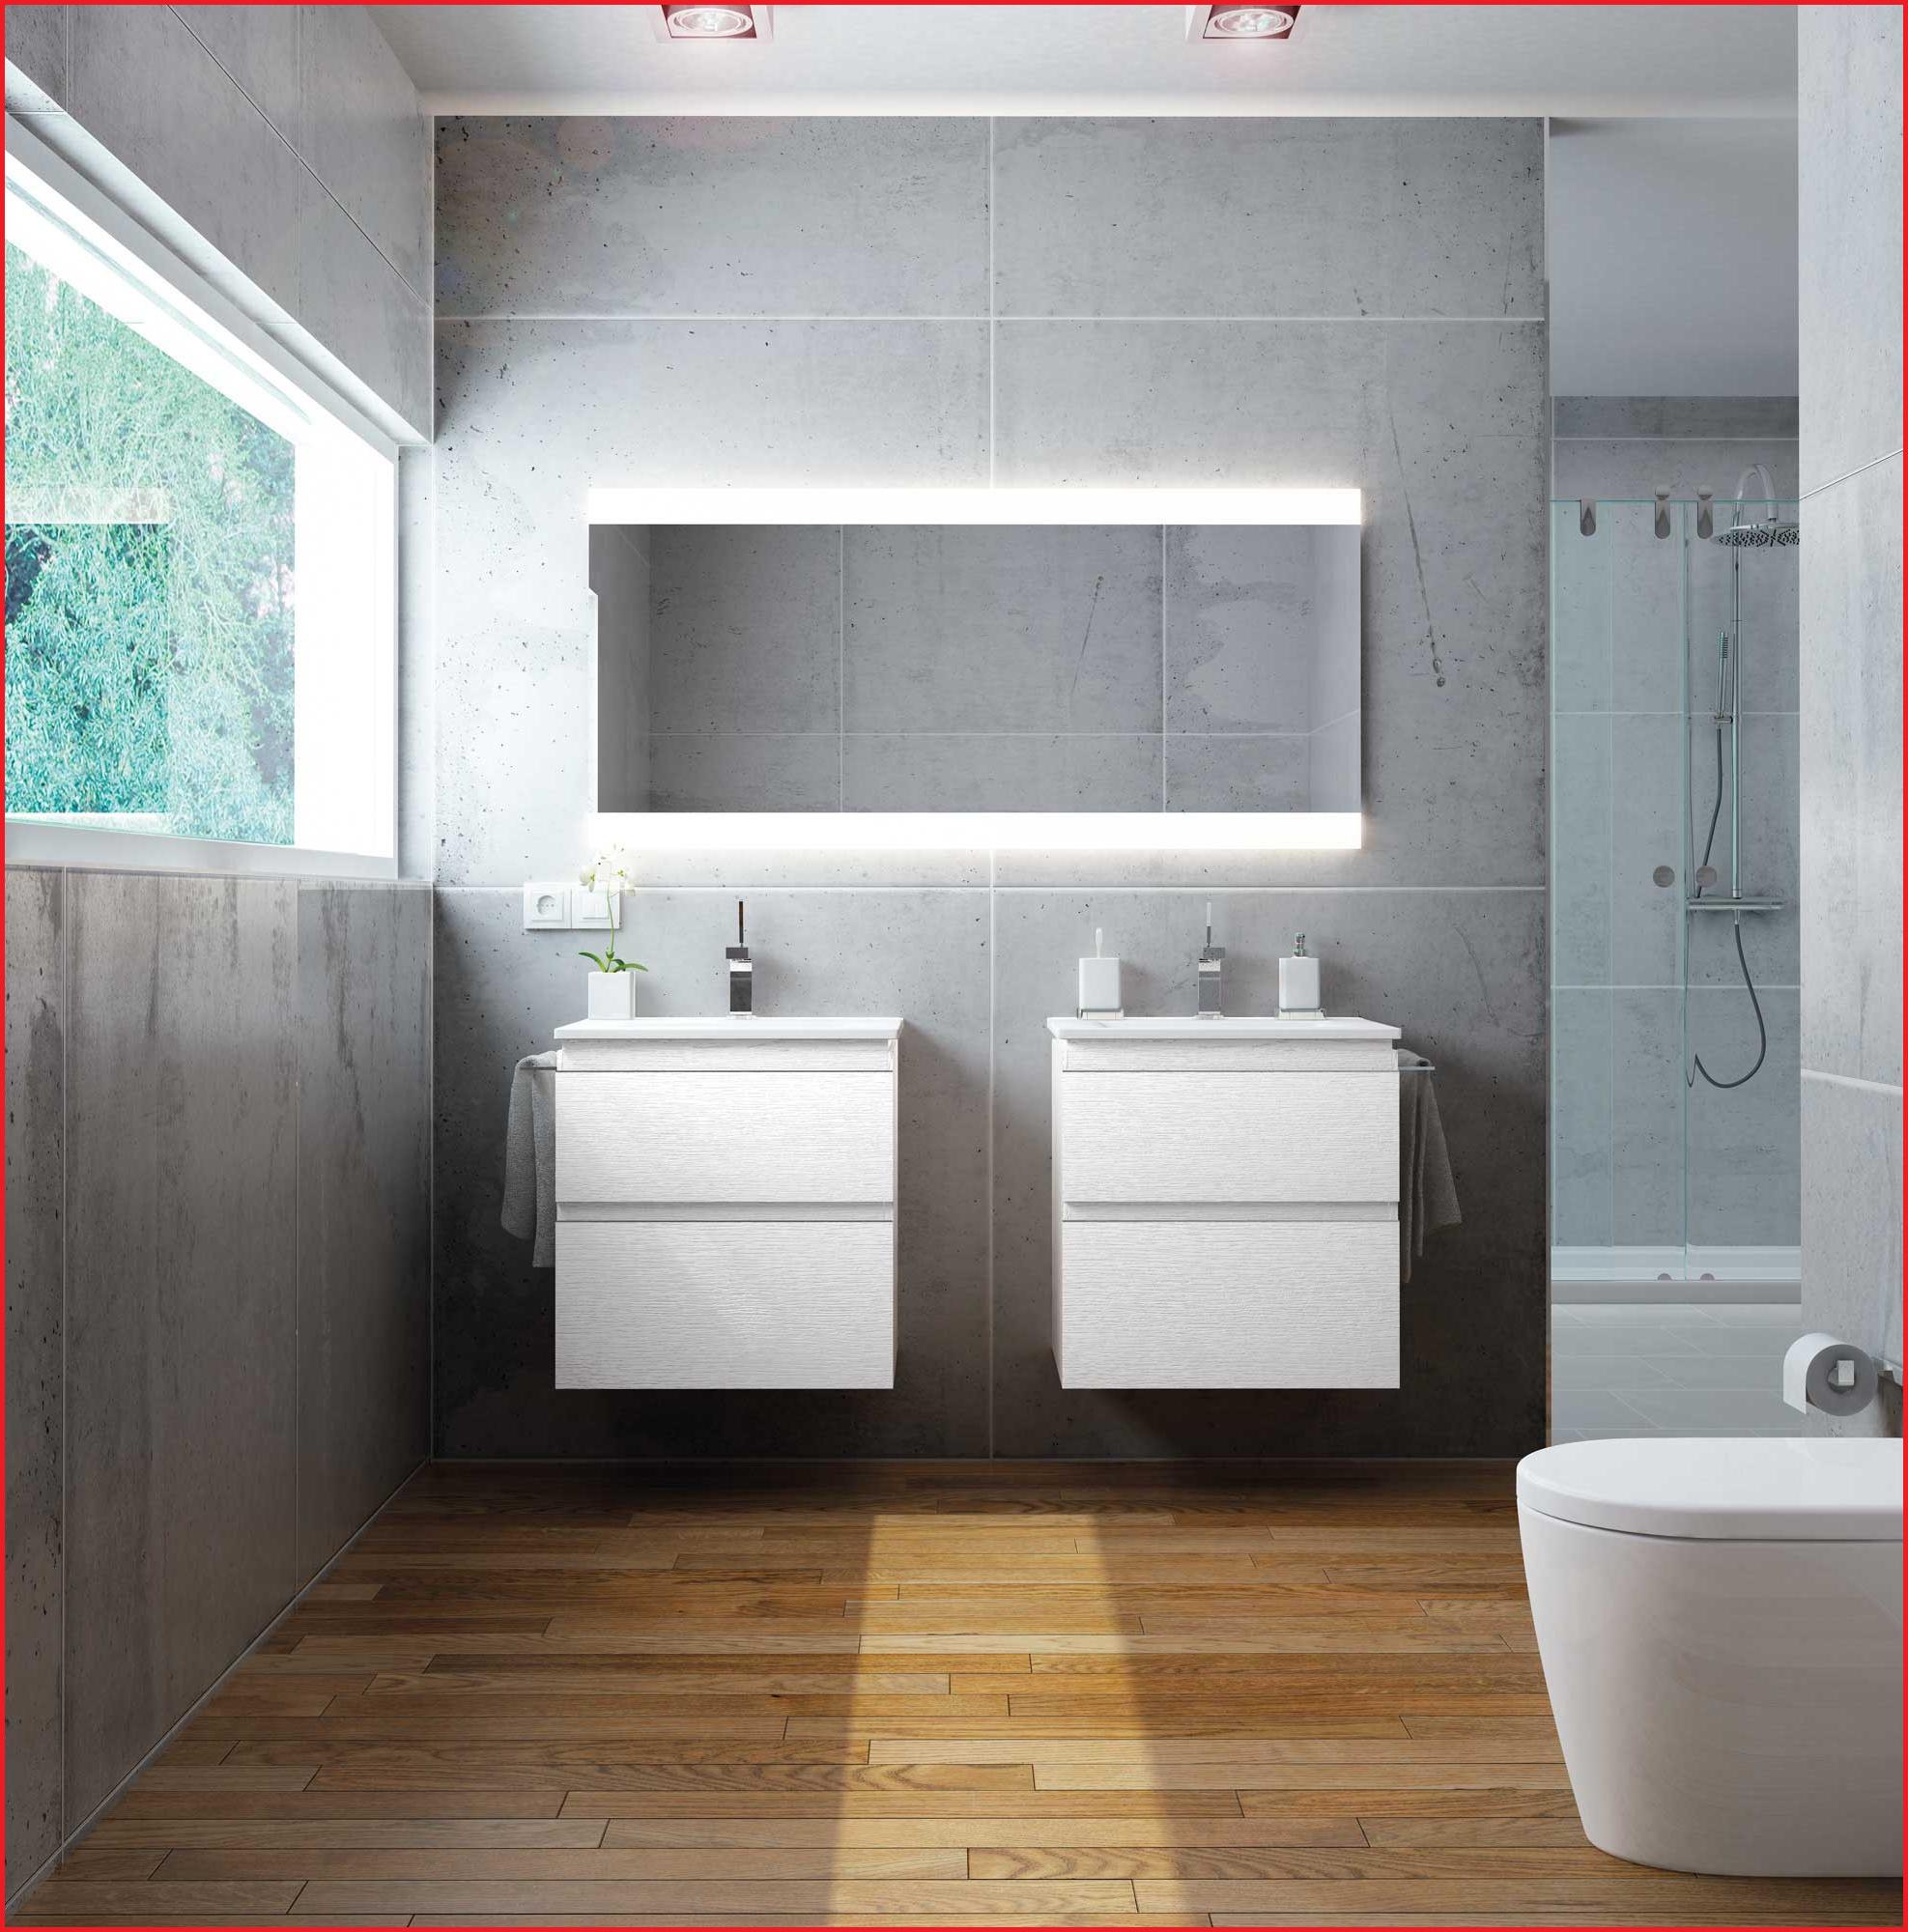 Muebles De Baño Con Patas 9fdy Arquitectura De Diseà O Para Su Hogar Arsenalsupremo